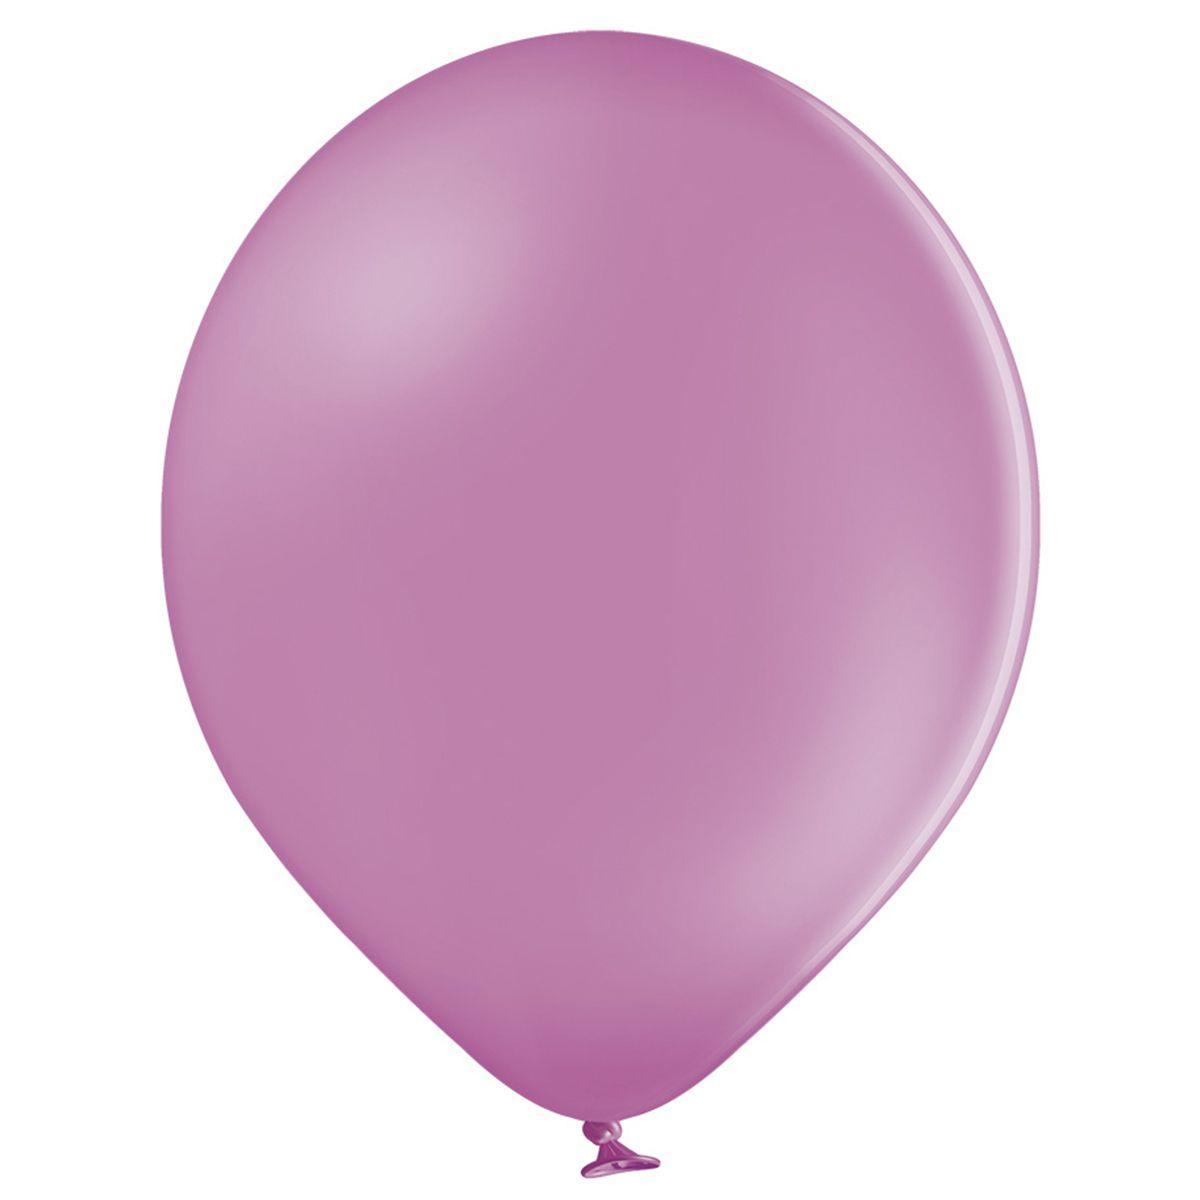 Воздушные шары BELBAL 85/437 10,5(27см) пастель темно-розовый (50шт)